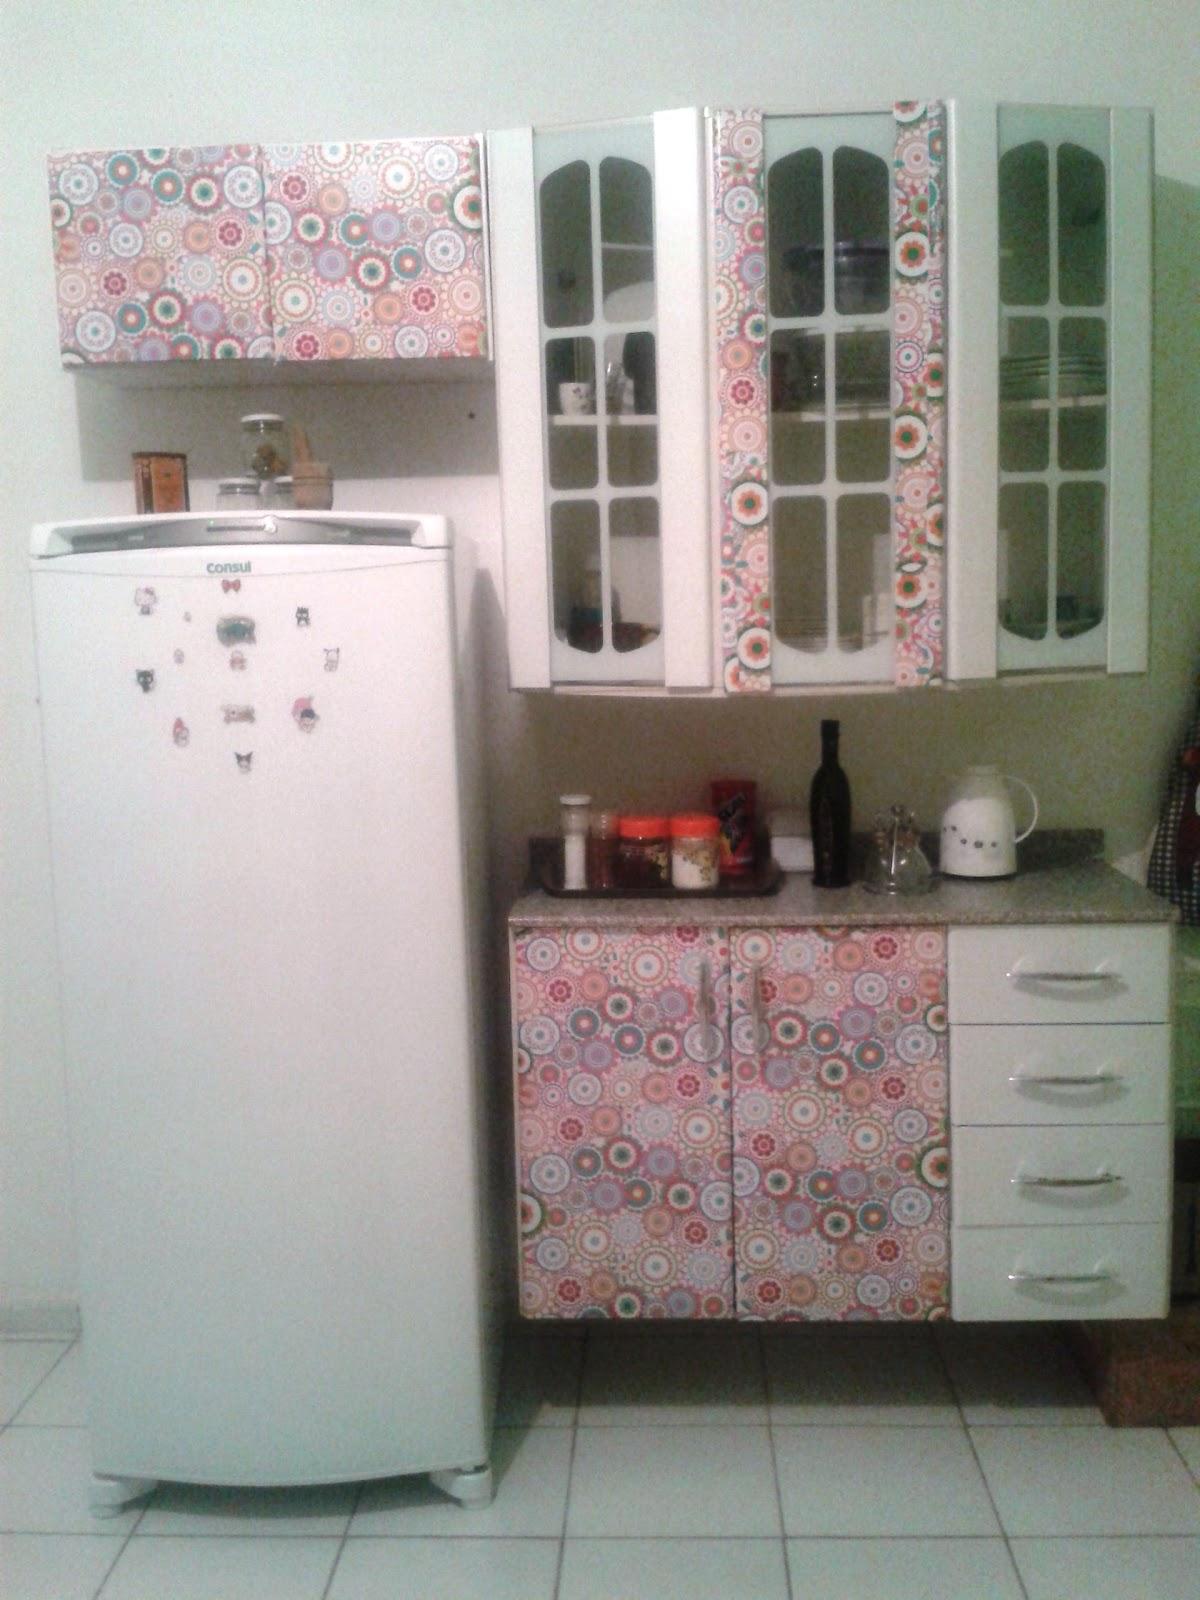 Papel contact no armario da cozinha #614C3F 1200x1600